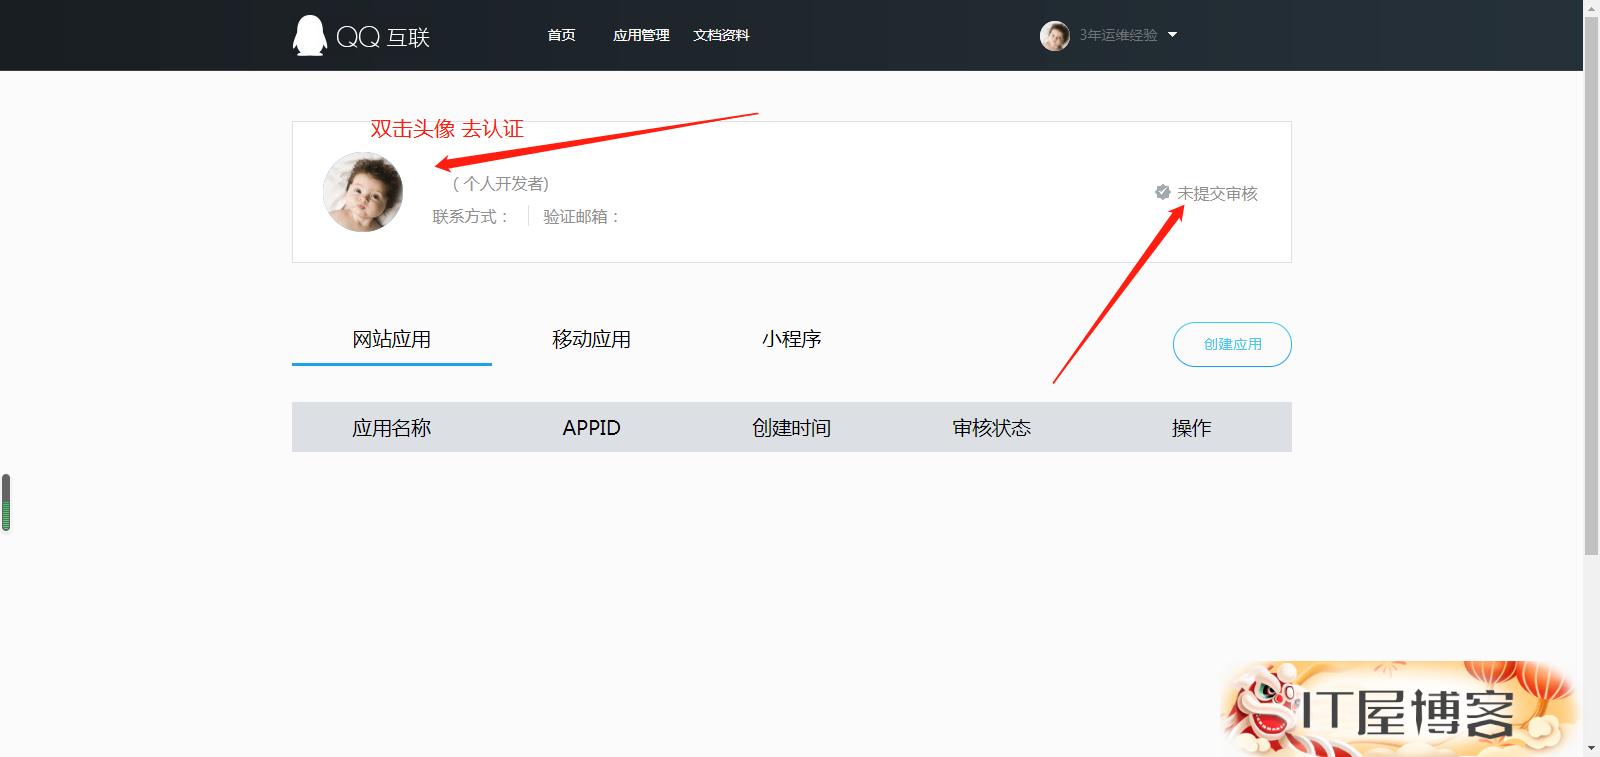 申请成为QQ互联个人开发者步骤(注意事项)【2021最新】  申请成为QQ互联 第1张